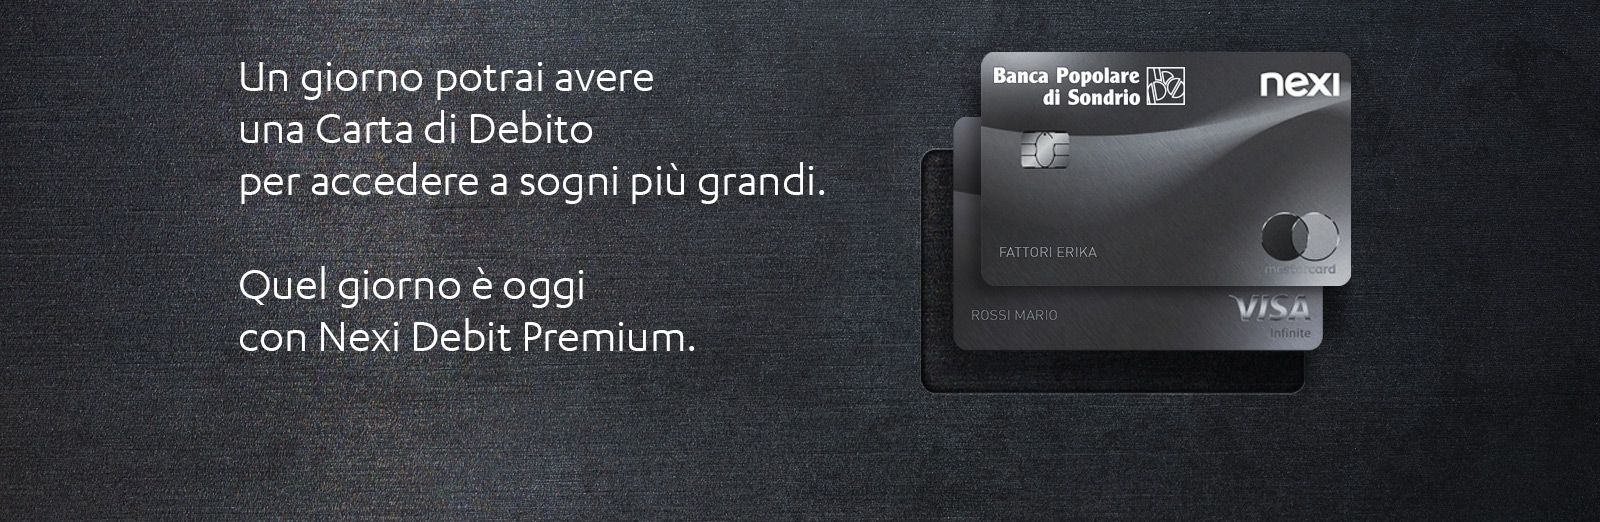 Nexi Debit Premium